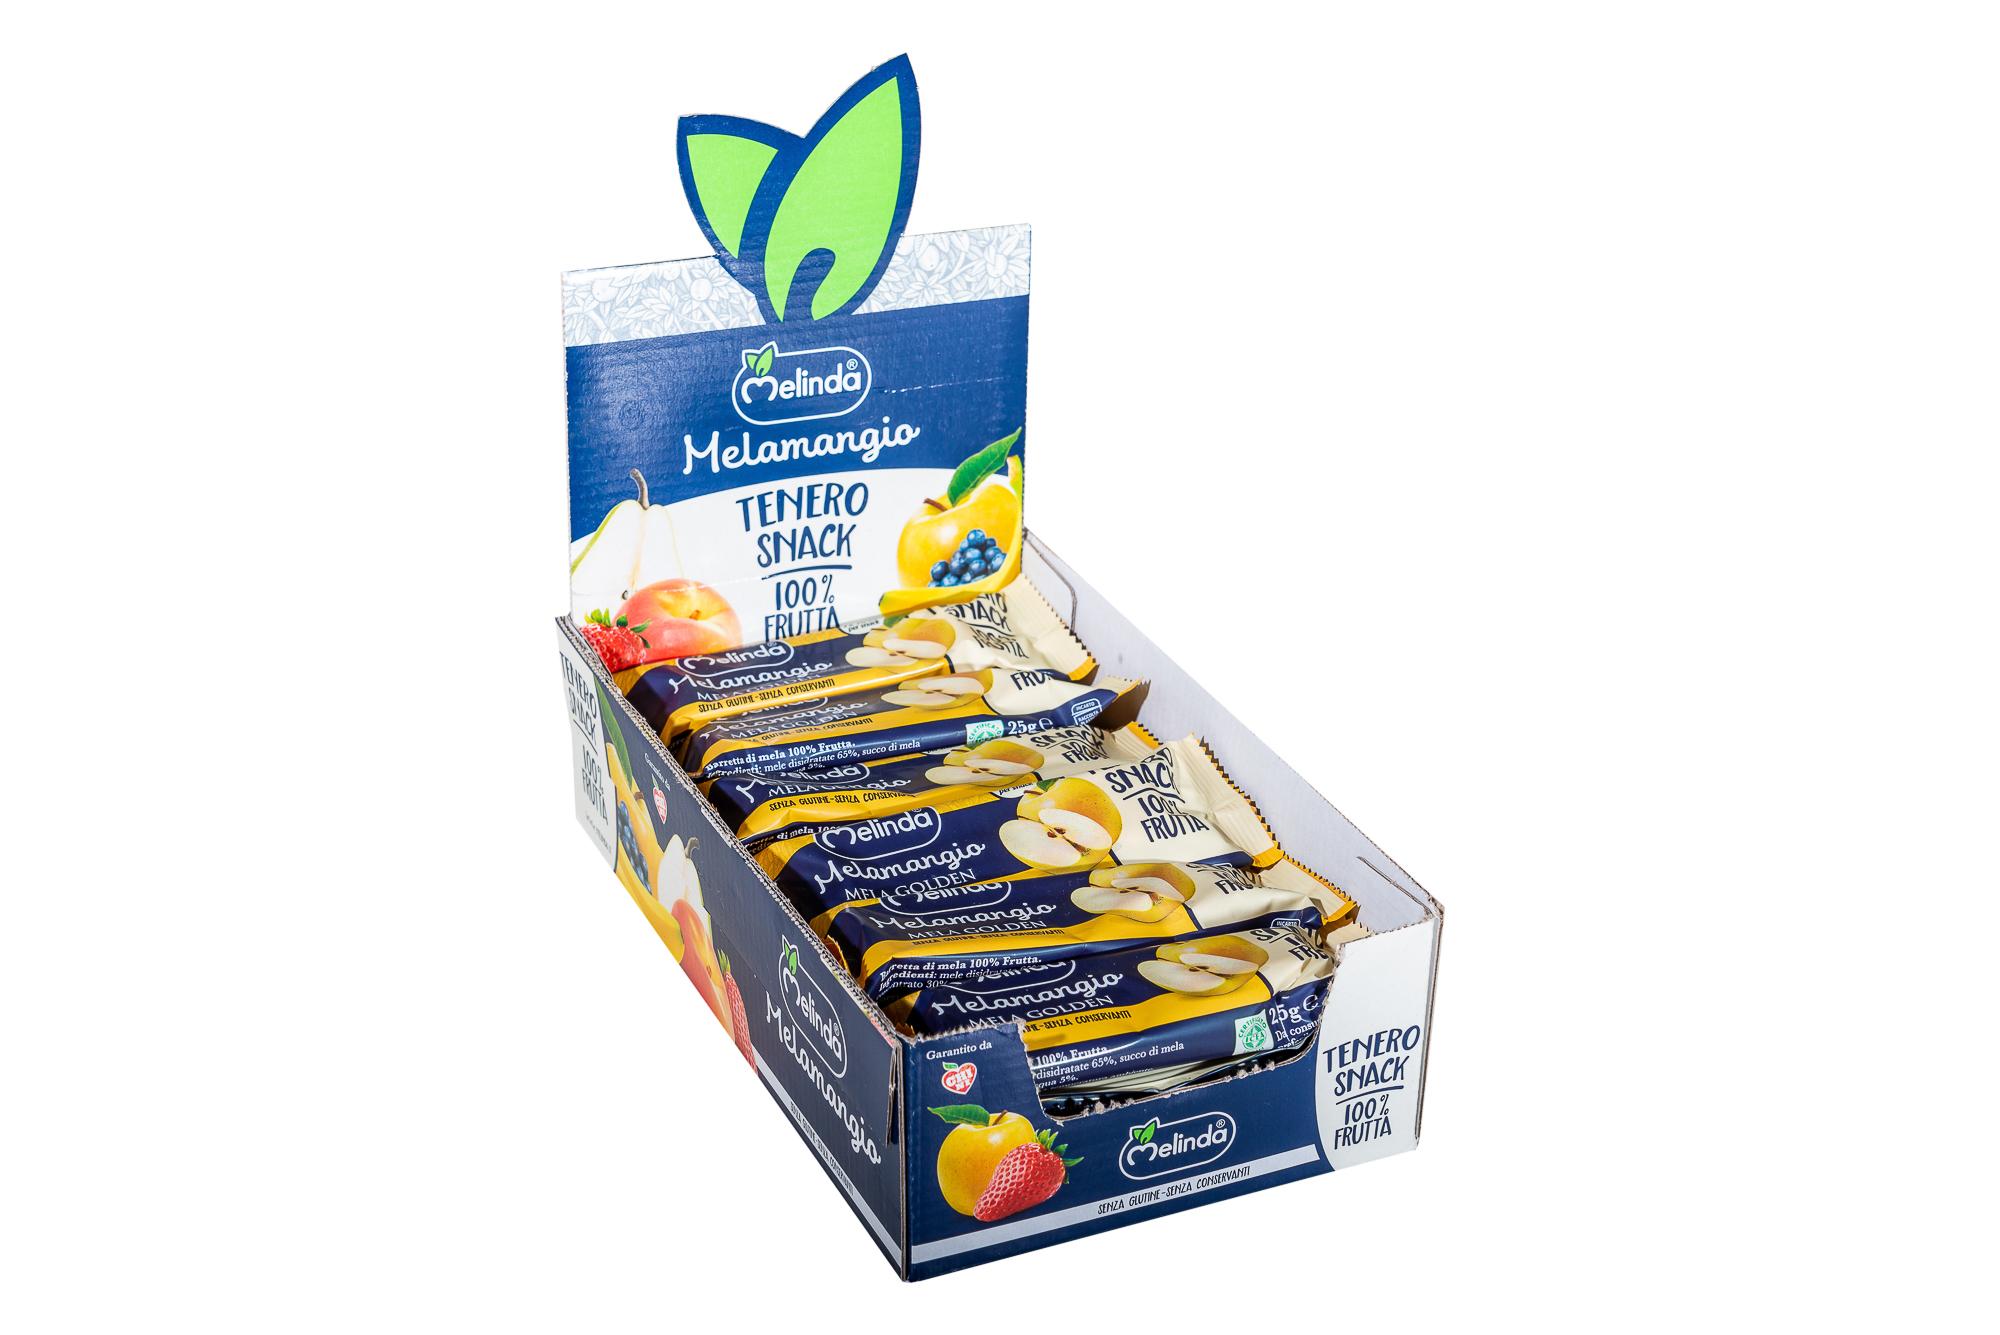 Tenero Snack Melamangio Melinda - Confezione intera - 18 pz da 25g